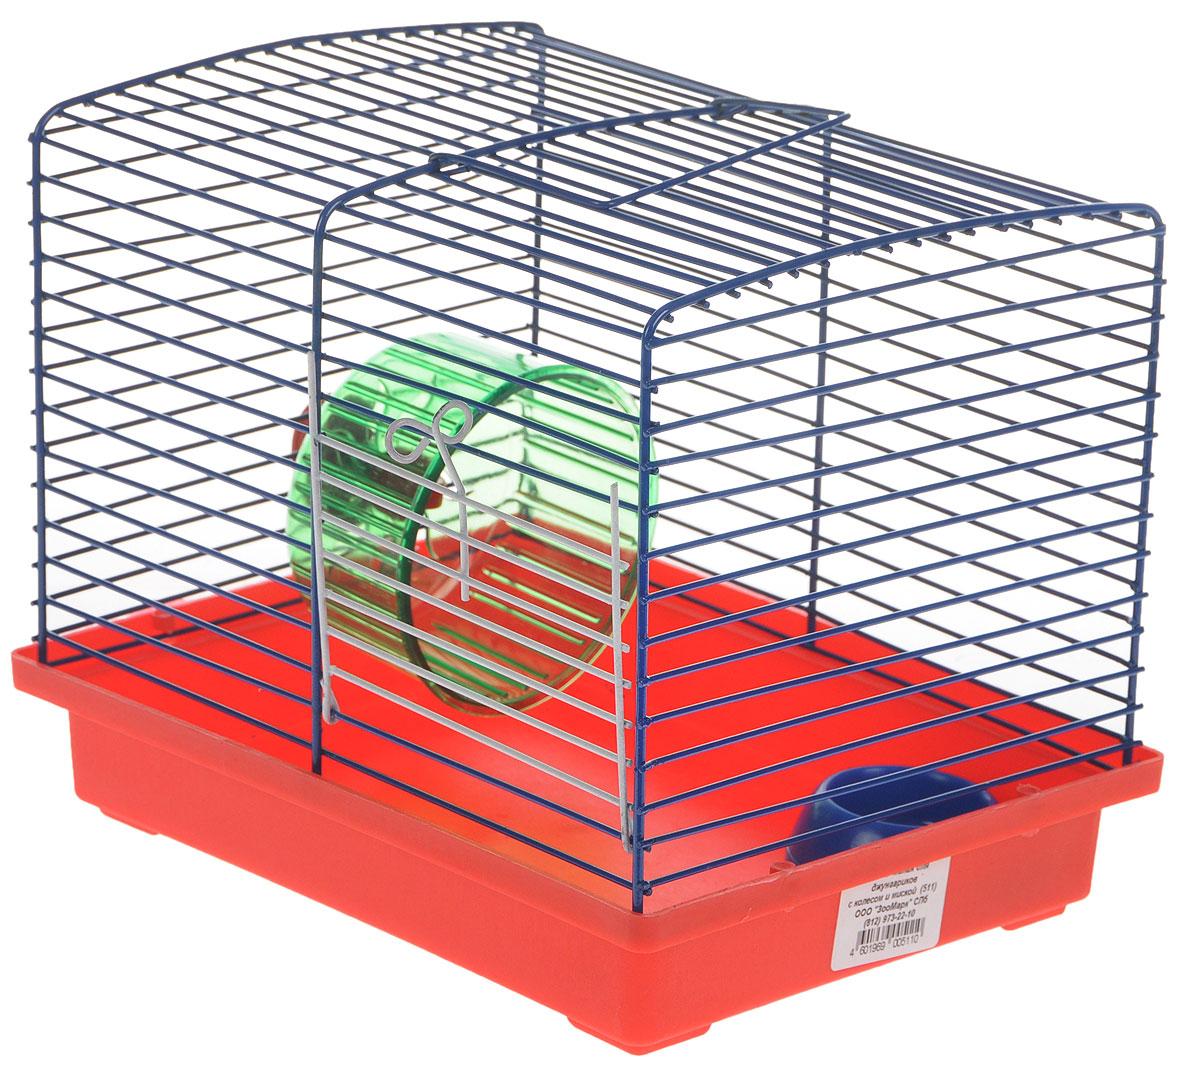 Клетка для джунгариков ЗооМарк, с колесом и миской, цвет: красный поддон, синяя решетка, 23 х 18 х 19 см511КСКлетка ЗооМарк, выполненная из пластика и металла, подходит для мелких грызунов. Изделие оборудовано колесом для подвижных игр и пластиковой миской. Клетка имеет яркий поддон, удобна в использовании и легко чистится. Сверху имеется ручка для переноски. Такая клетка станет личным пространством и уютным домиком для маленького грызуна. Комплектация: - клетка с поддоном; - миска; - колесо.